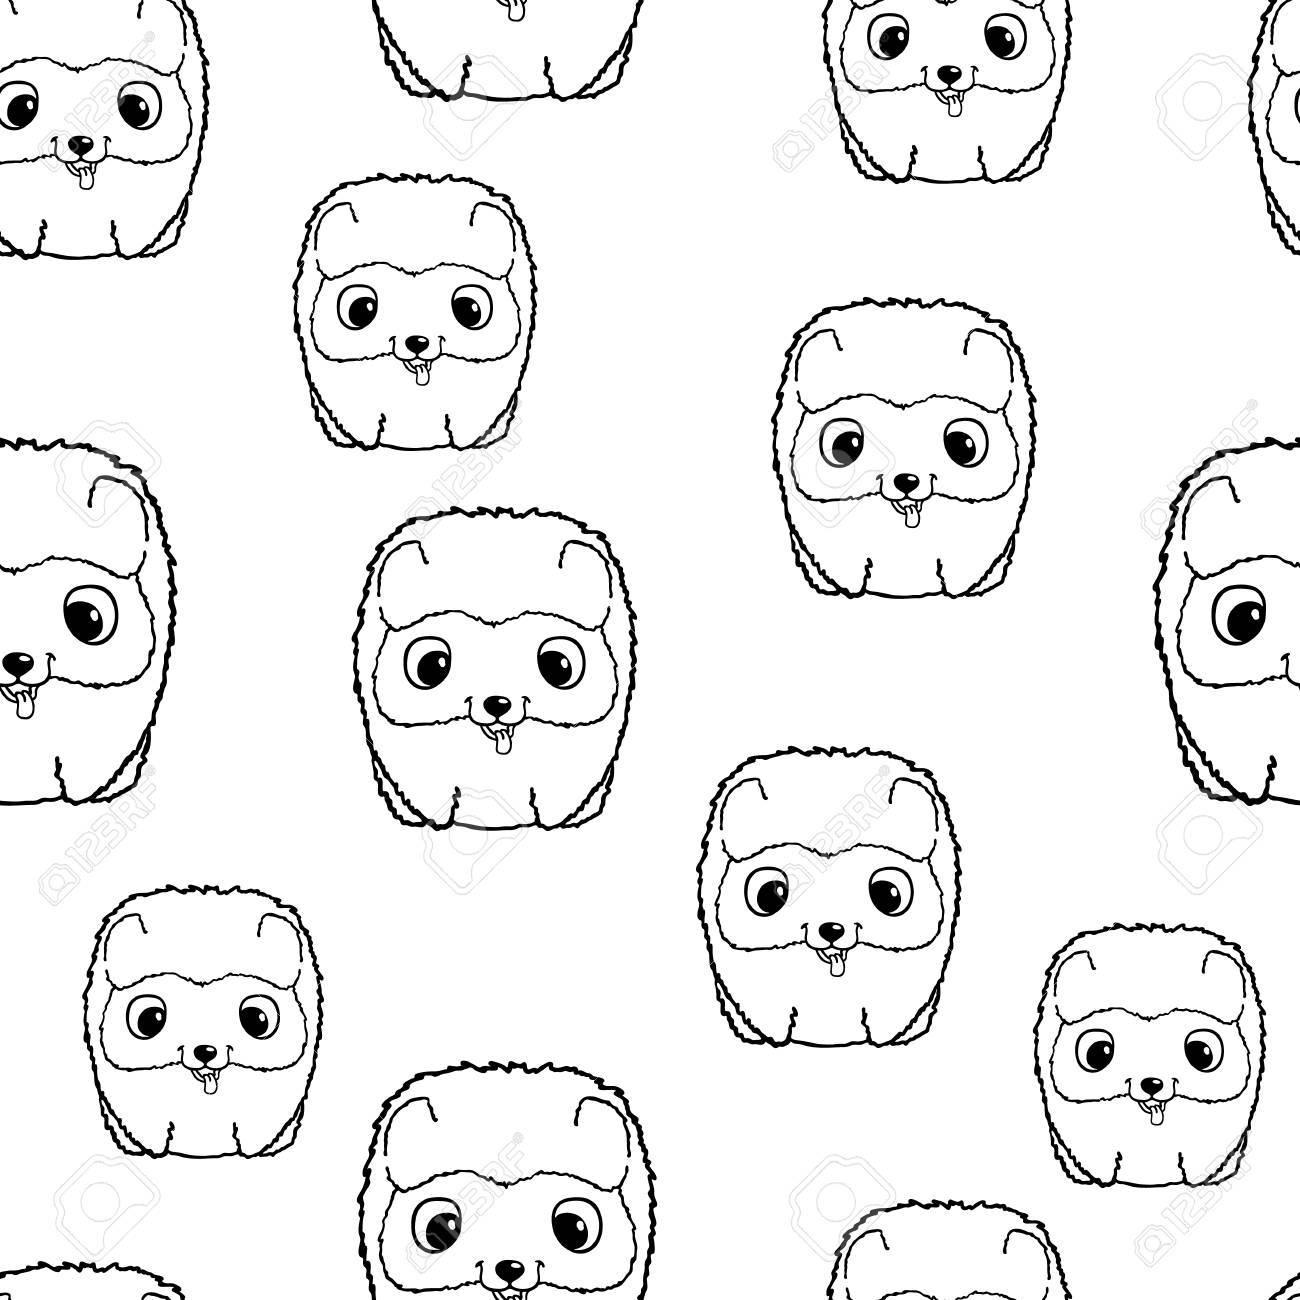 ポメラニアンの子犬とのシームレスなパターン。黒と白のベクトル図です